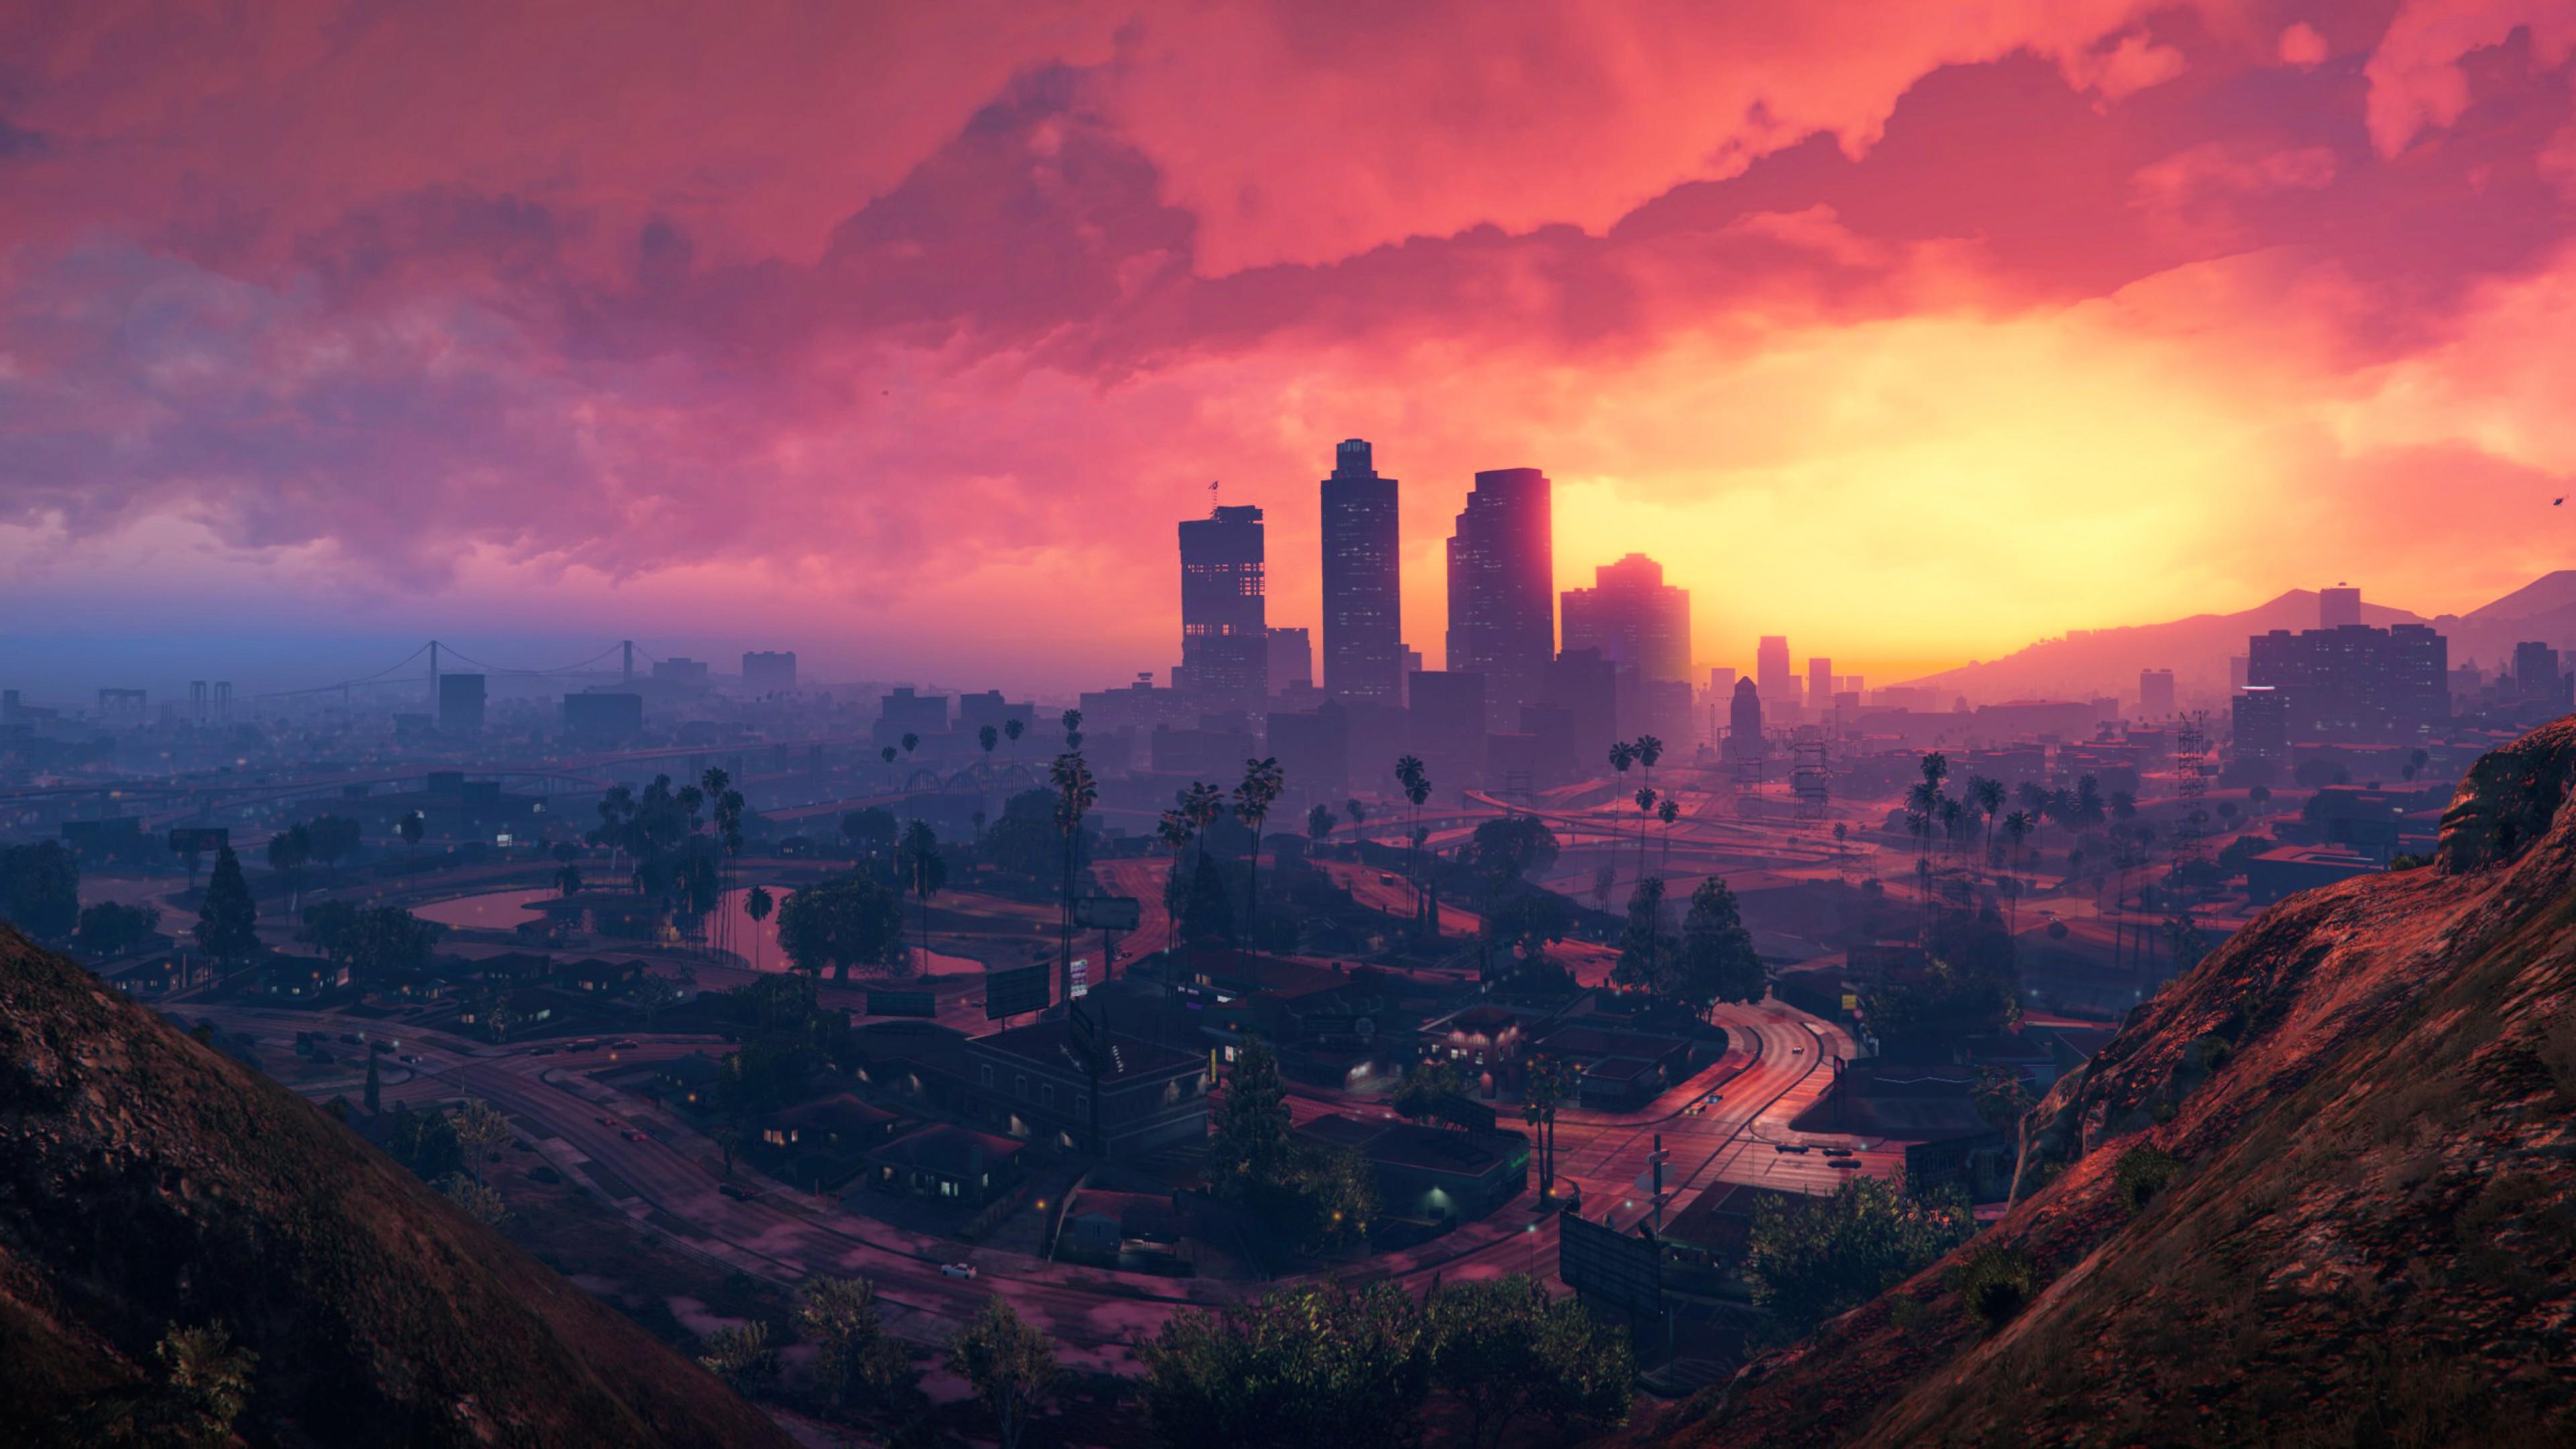 Ночной город небоскребов в огненных лучах заката